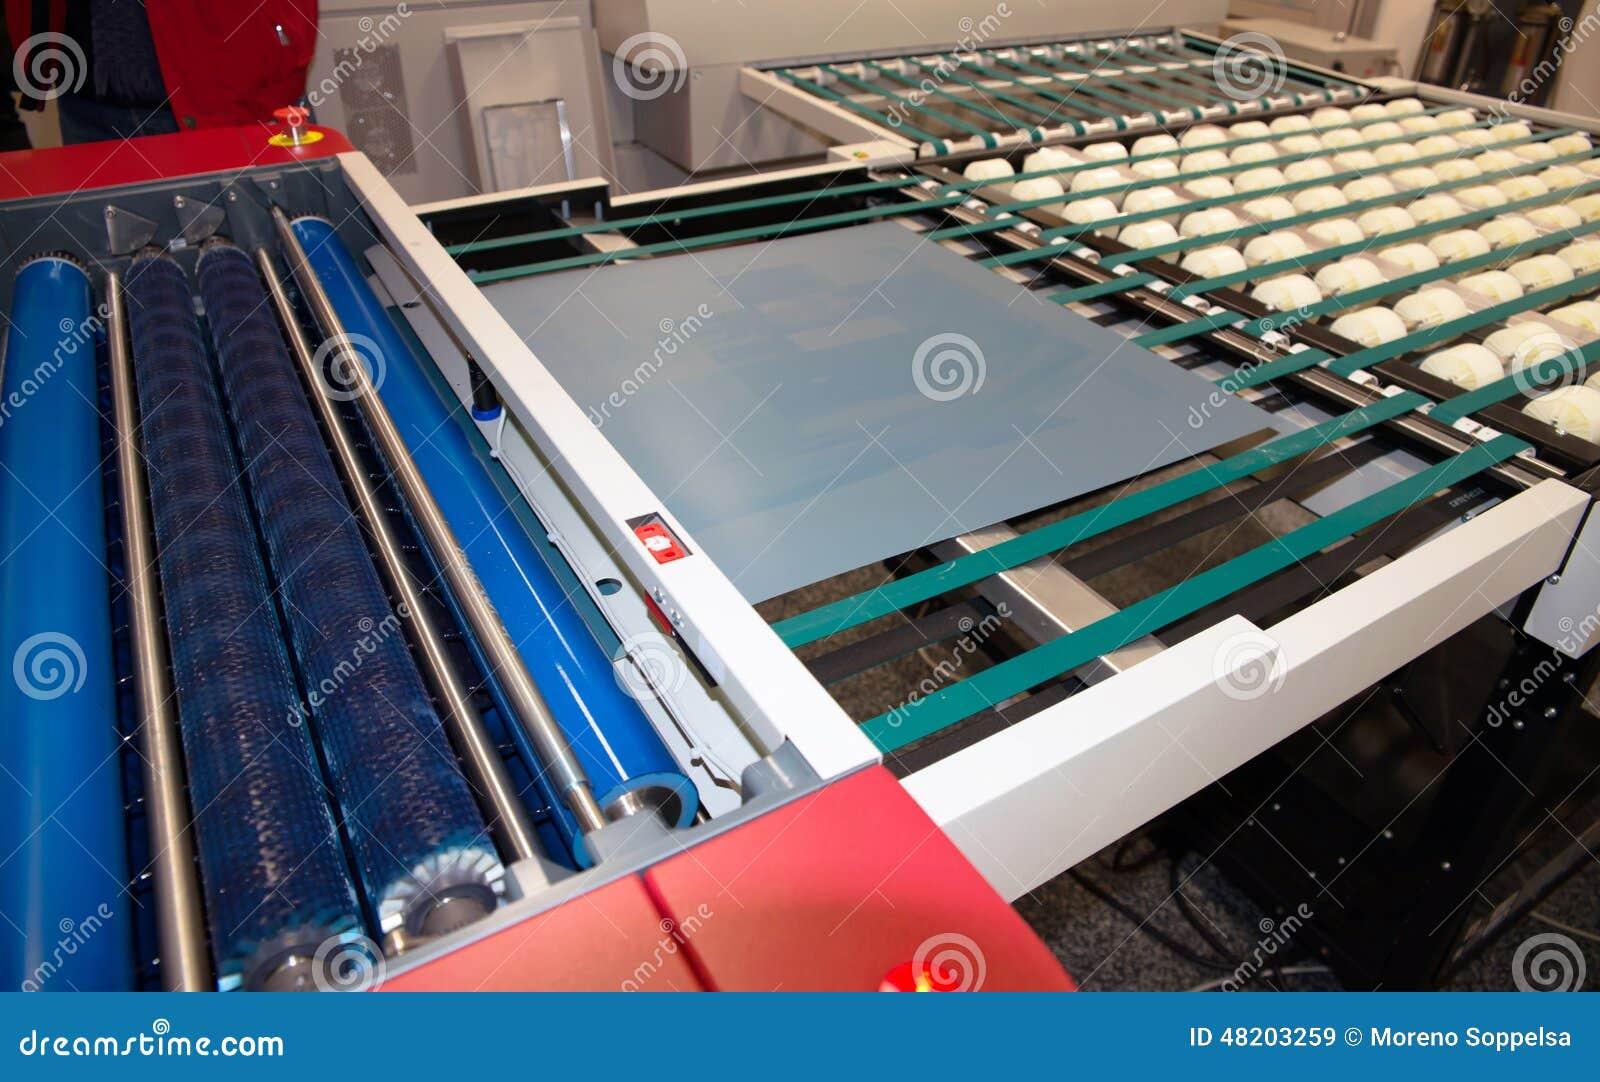 Εγκαταστάσεις εκτύπωσης - υπολογιστής ΚΠΜ (Κοινή Πολιτική Μεταφορών) στο τμήμα πιάτων